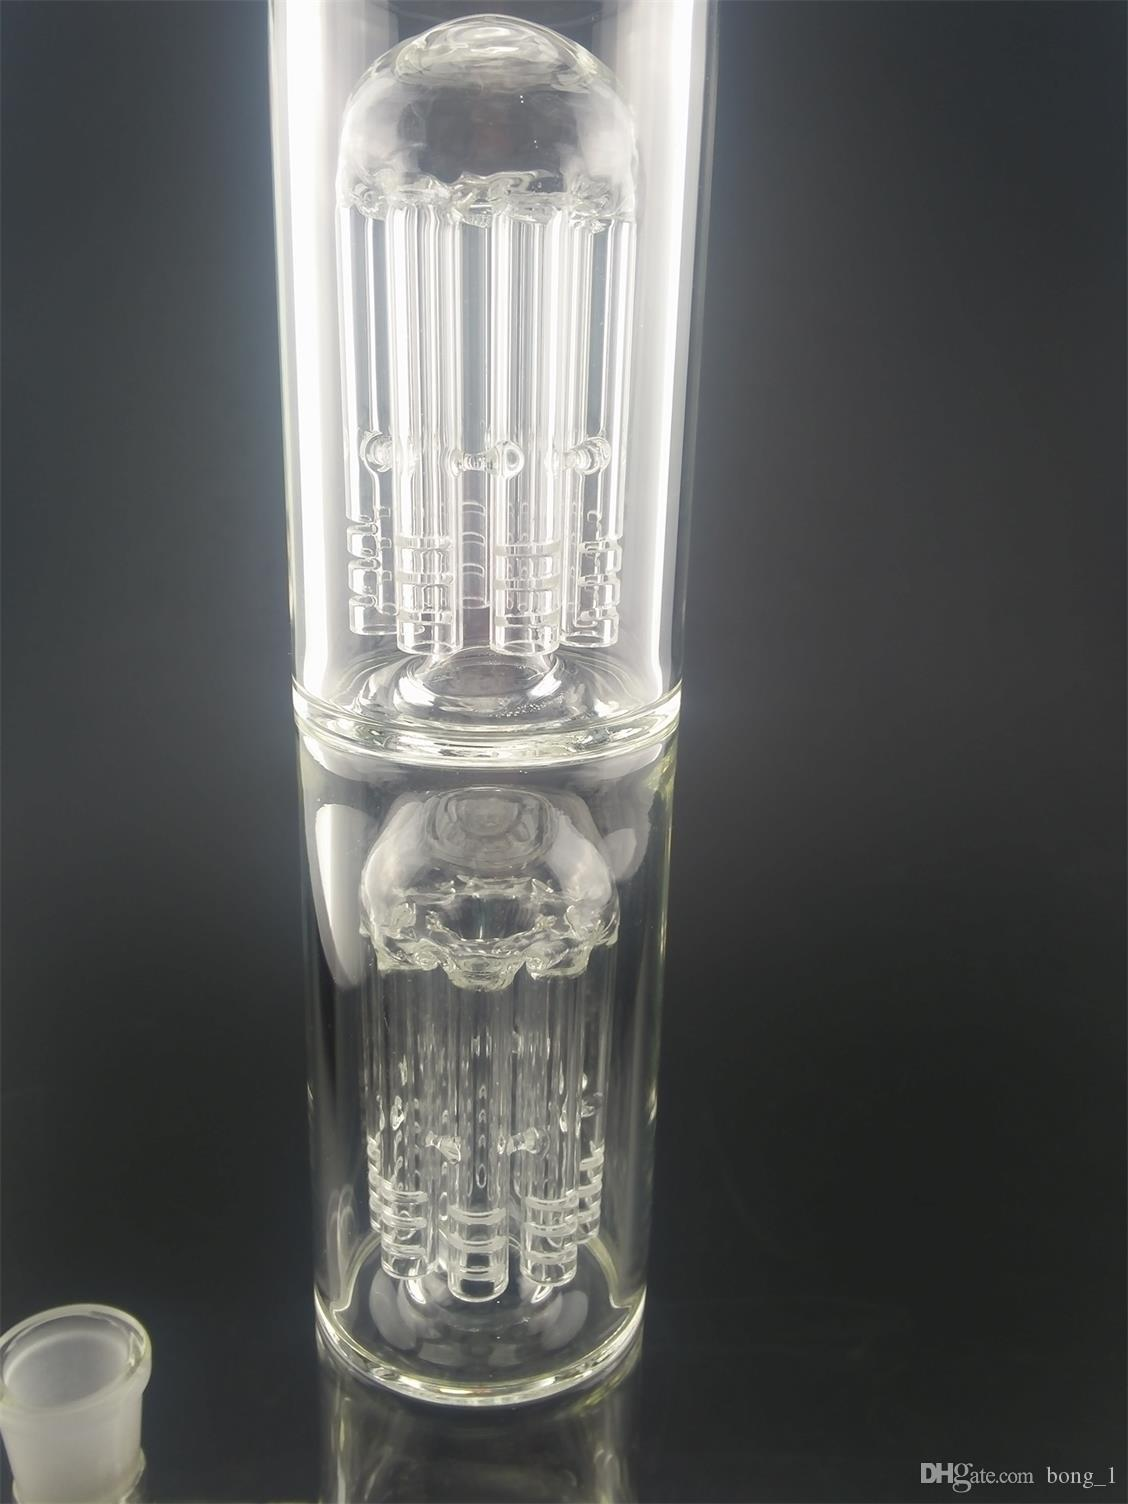 Новая высота 47 см стекло бонг Inline perc нефтяной вышке водопровод курительные кальяны ясно прозрачные цвета